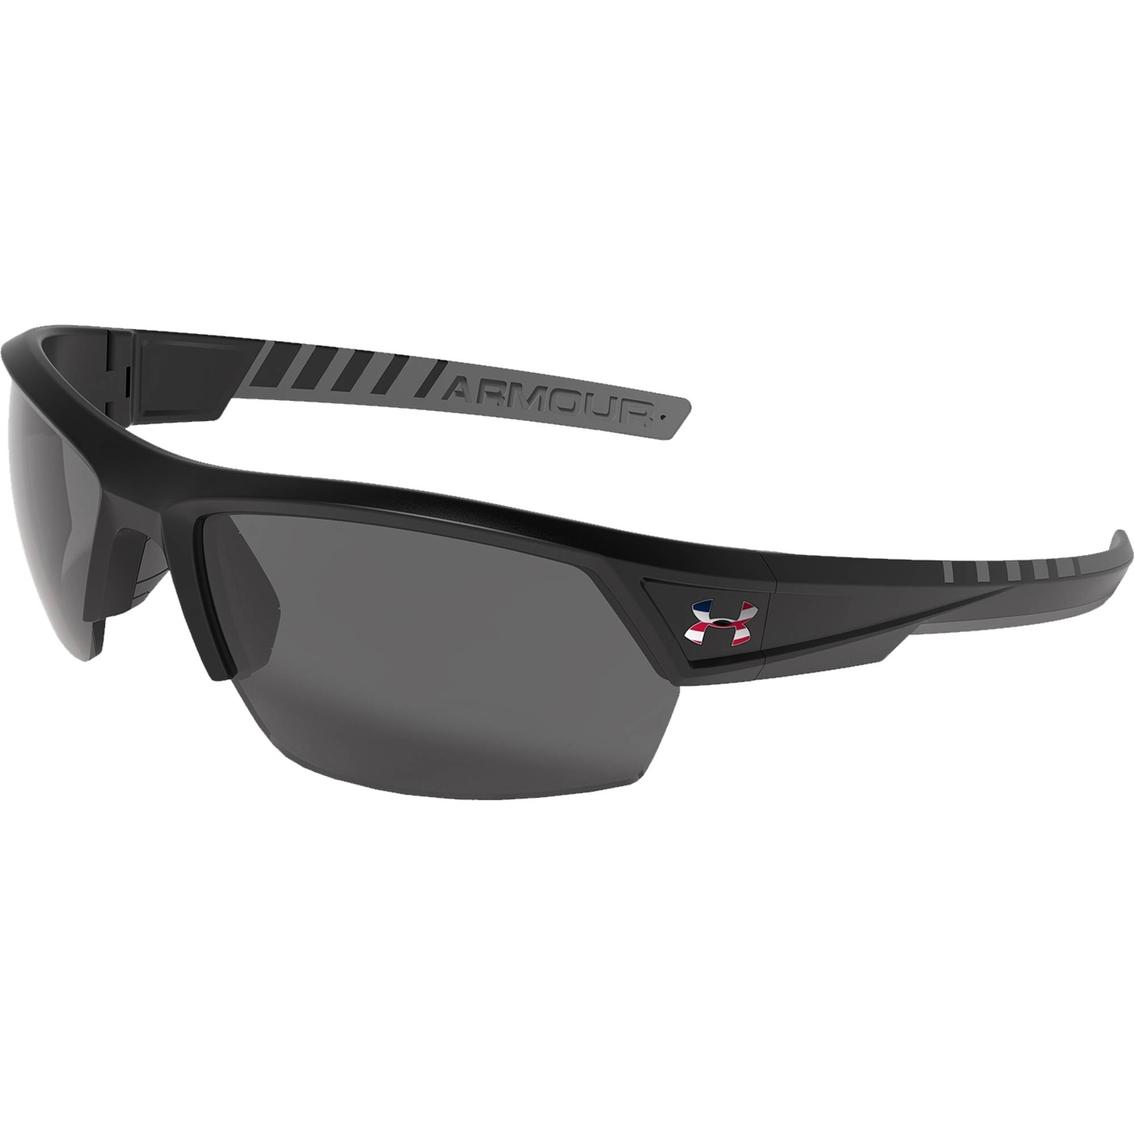 8da13dae86 Under Armour Ua Igniter 2.0 Freedom Special Edition Sunglasses ...